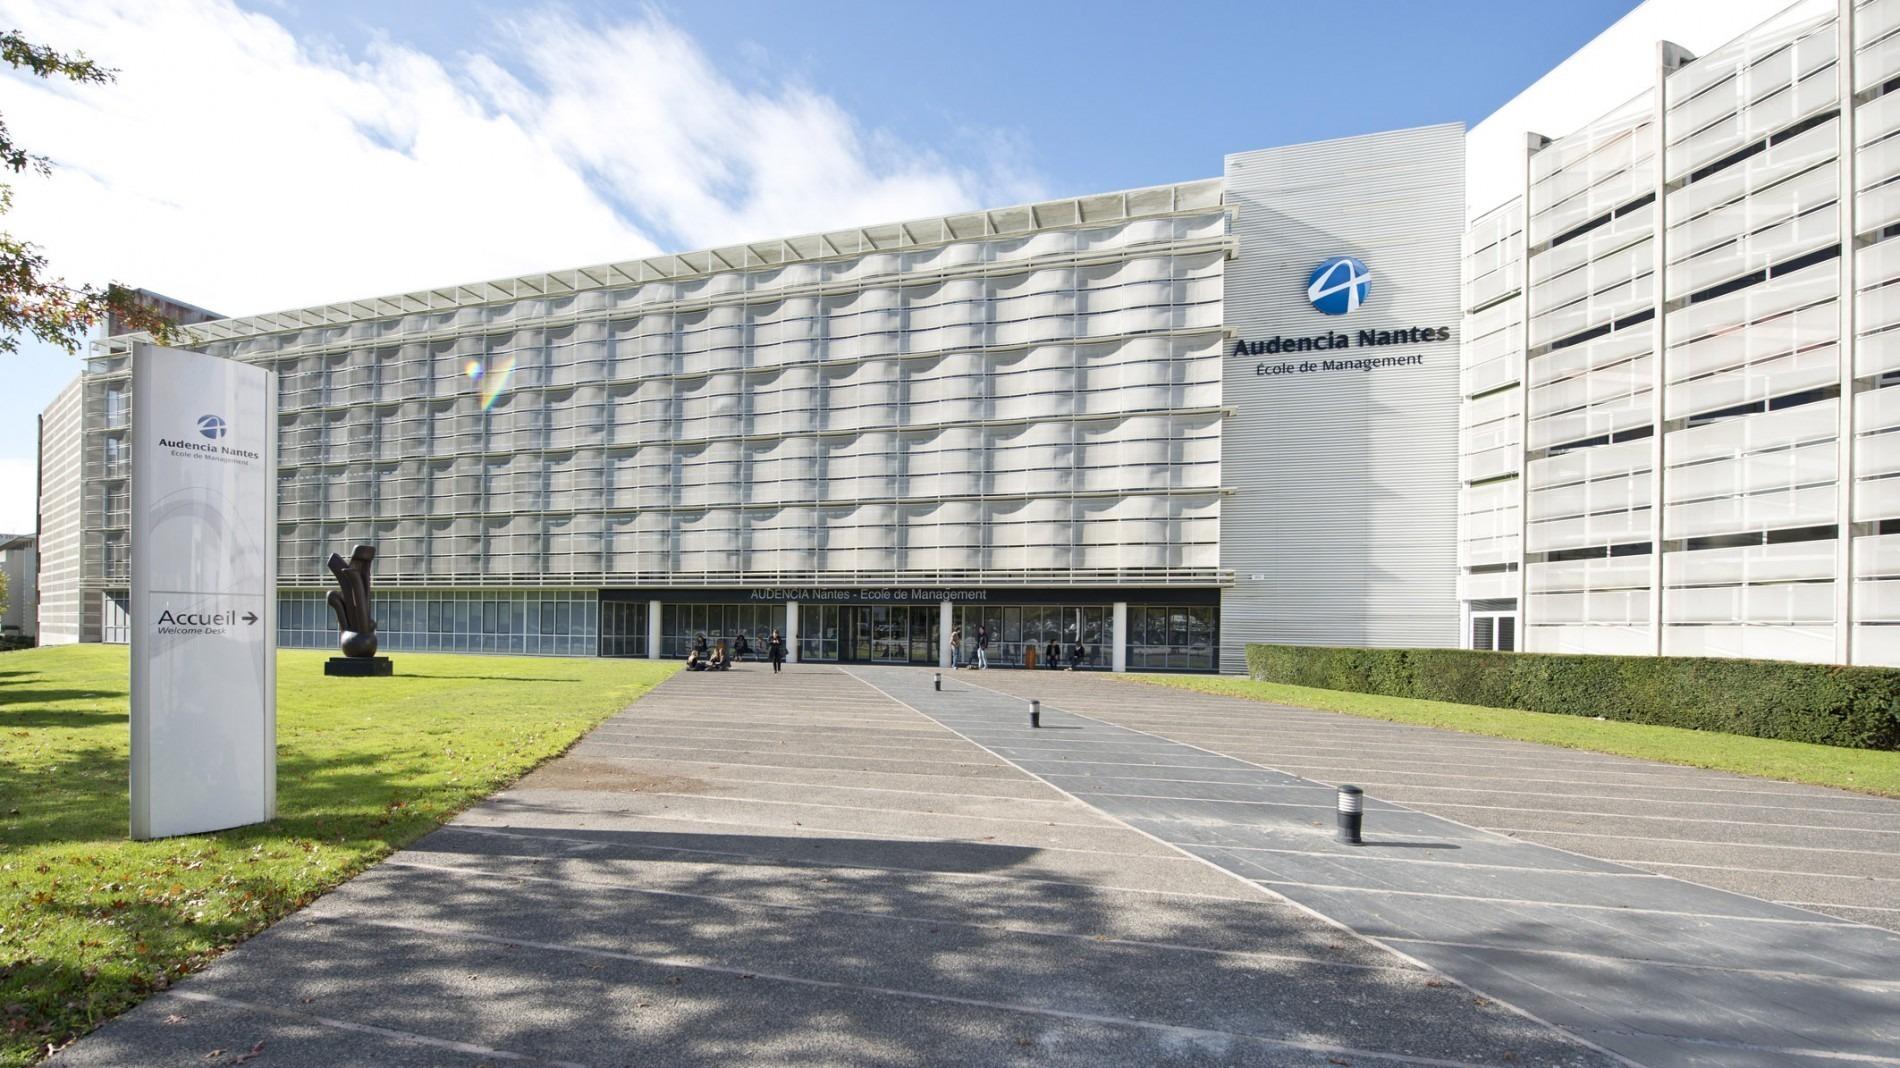 Trường quản lý Audencia Nantes